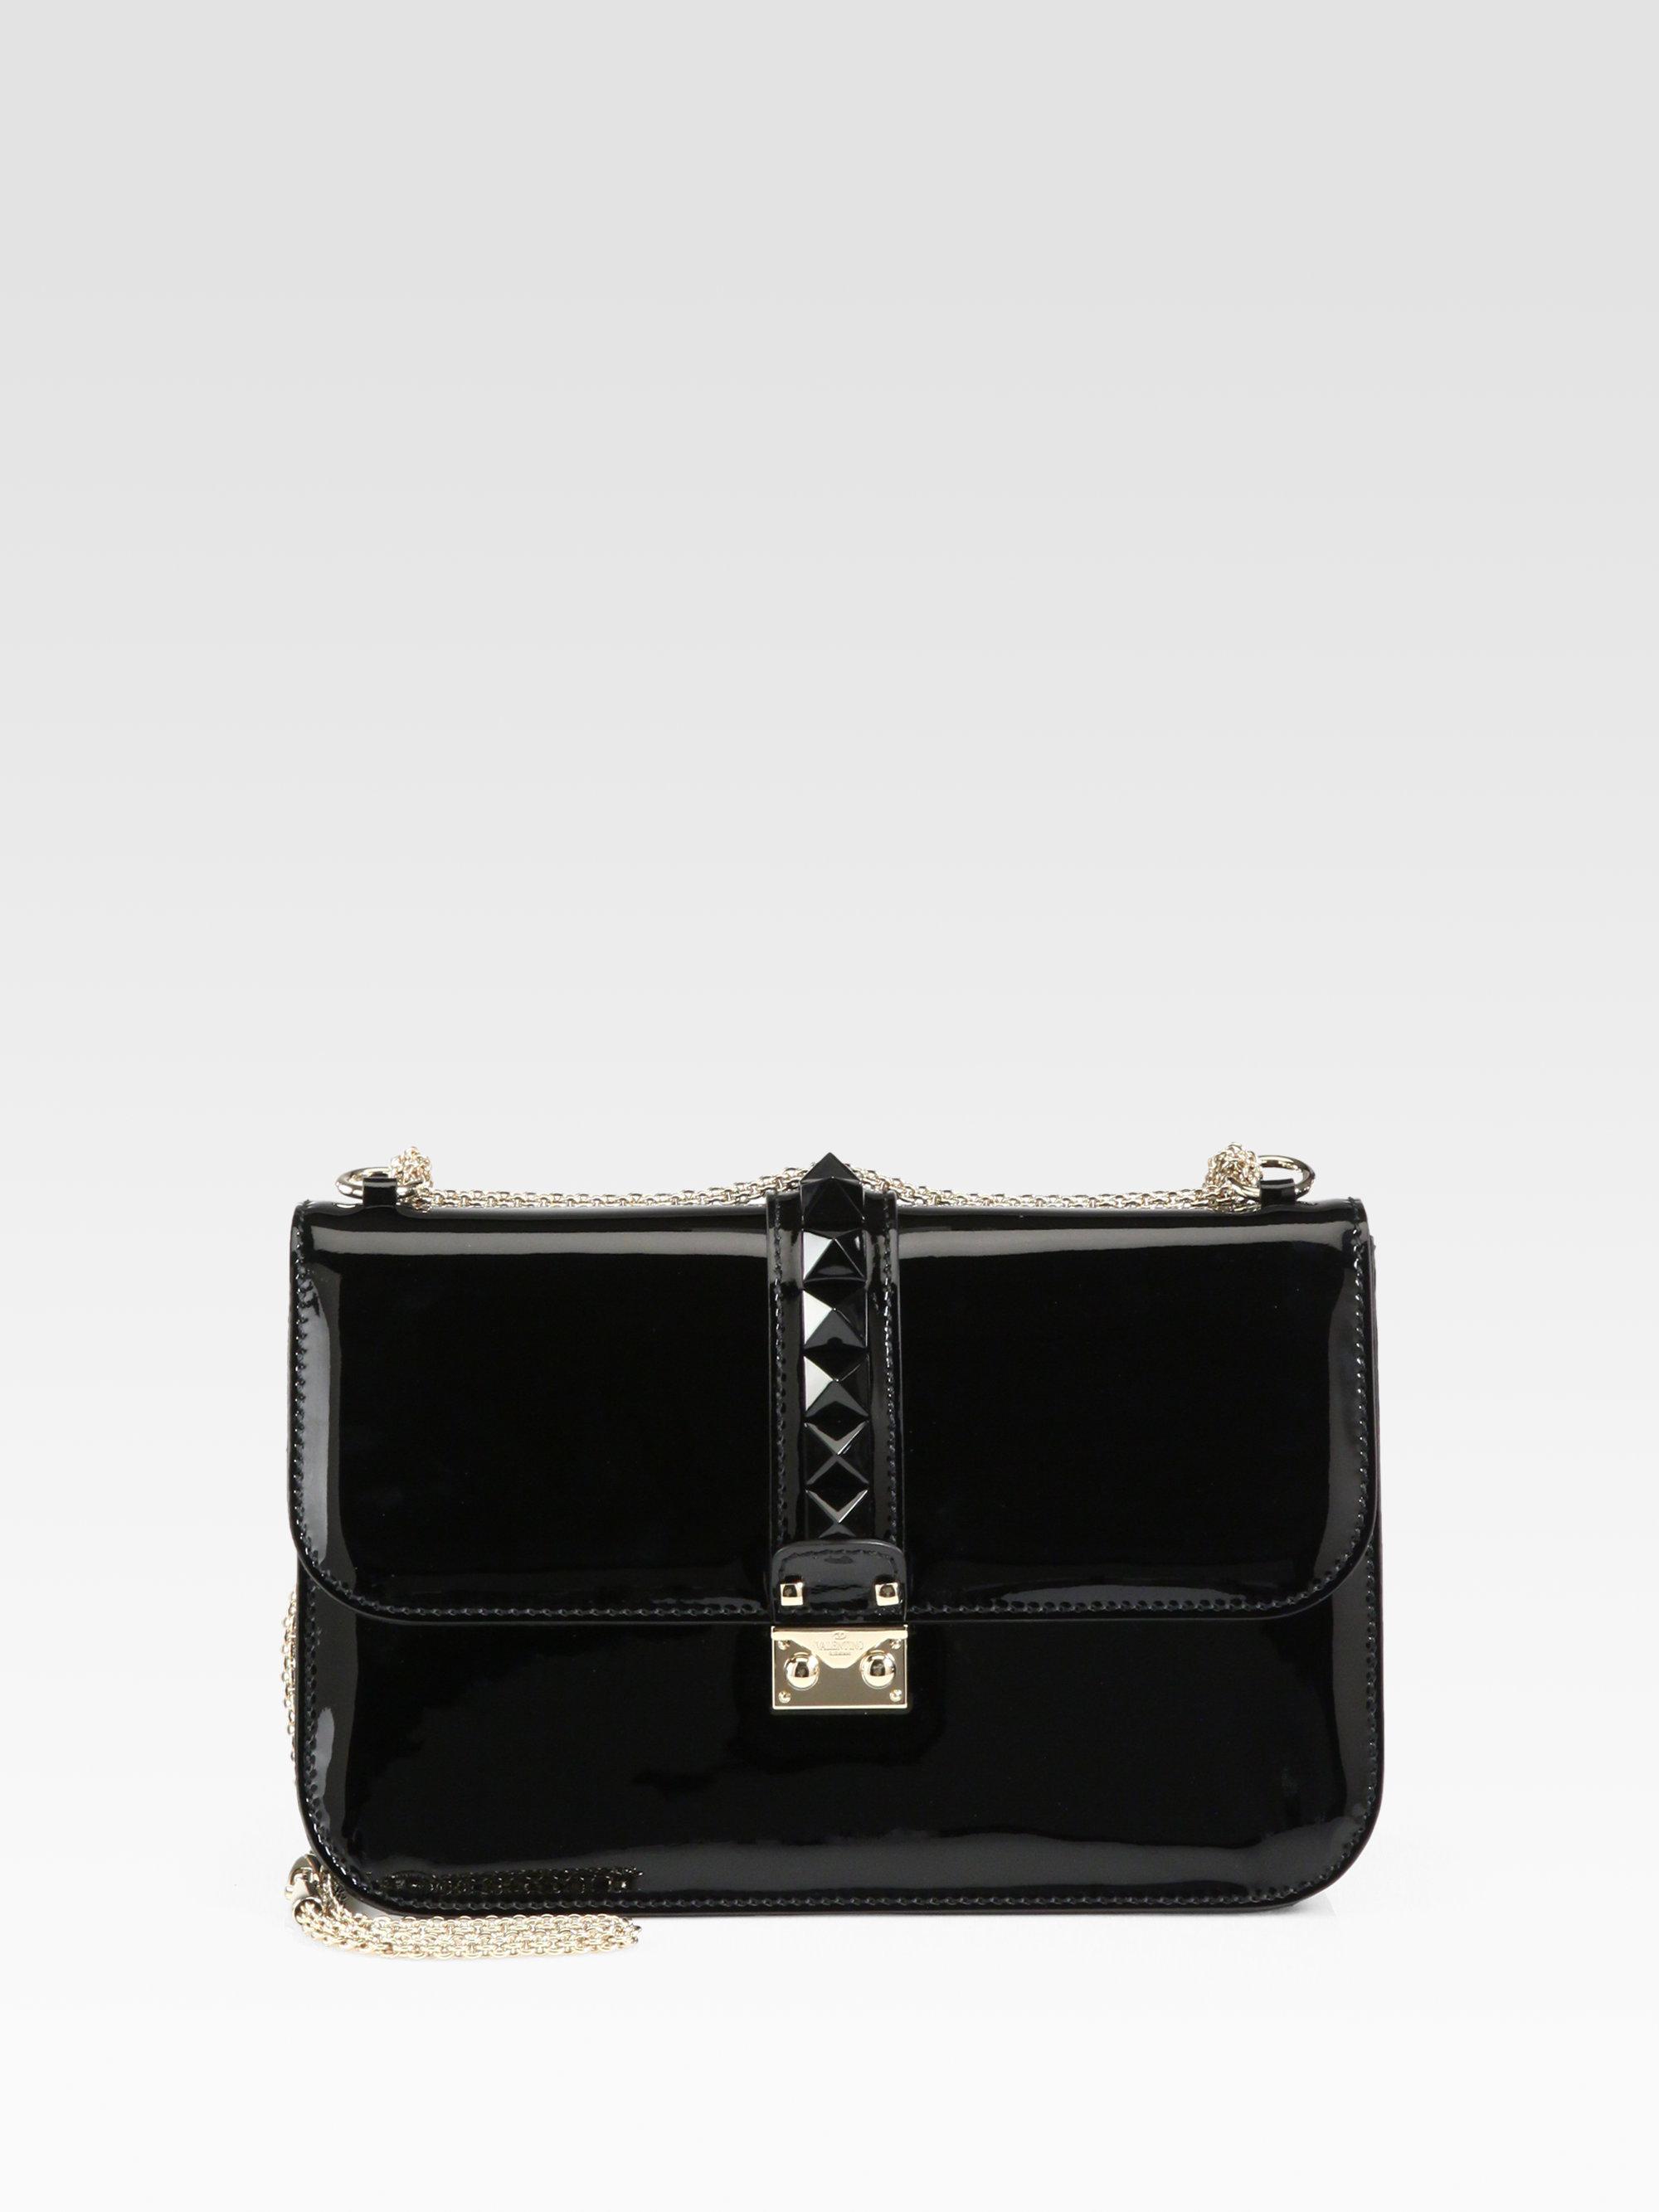 Black Patent Leather Shoulder Bag 47